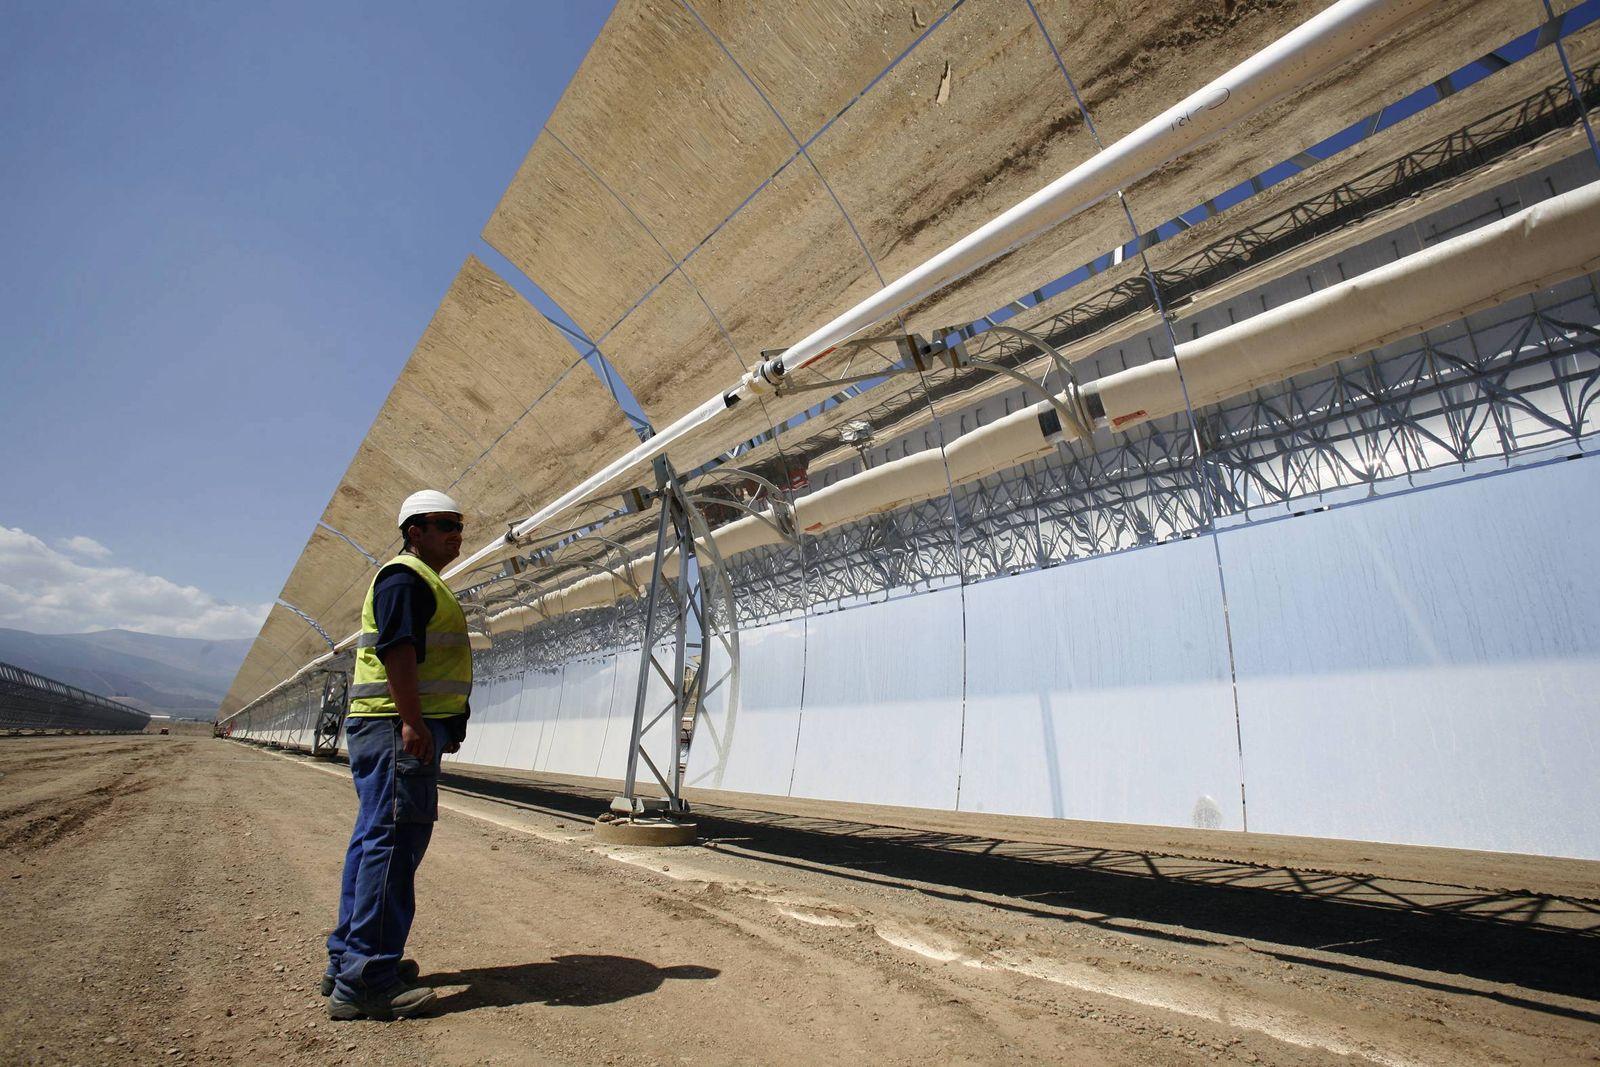 NICHT VERWENDEN Desertec Solarmillenium